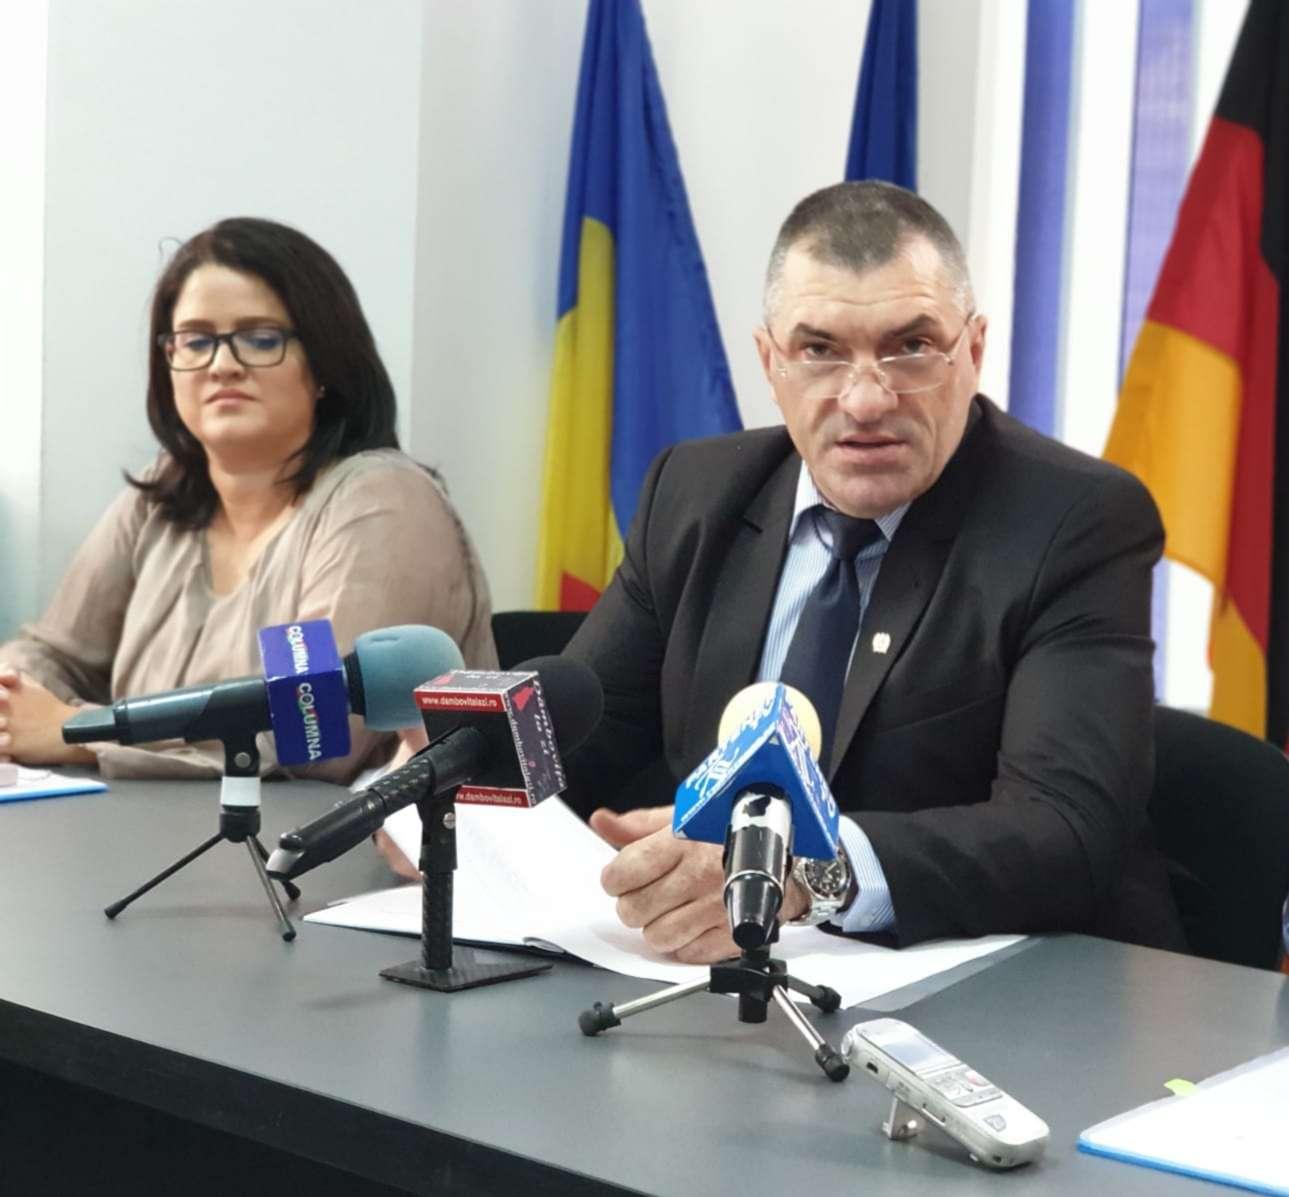 Șeful Poliției Dâmbovițene a prezentat rezultatele acțiunilor de prevenție